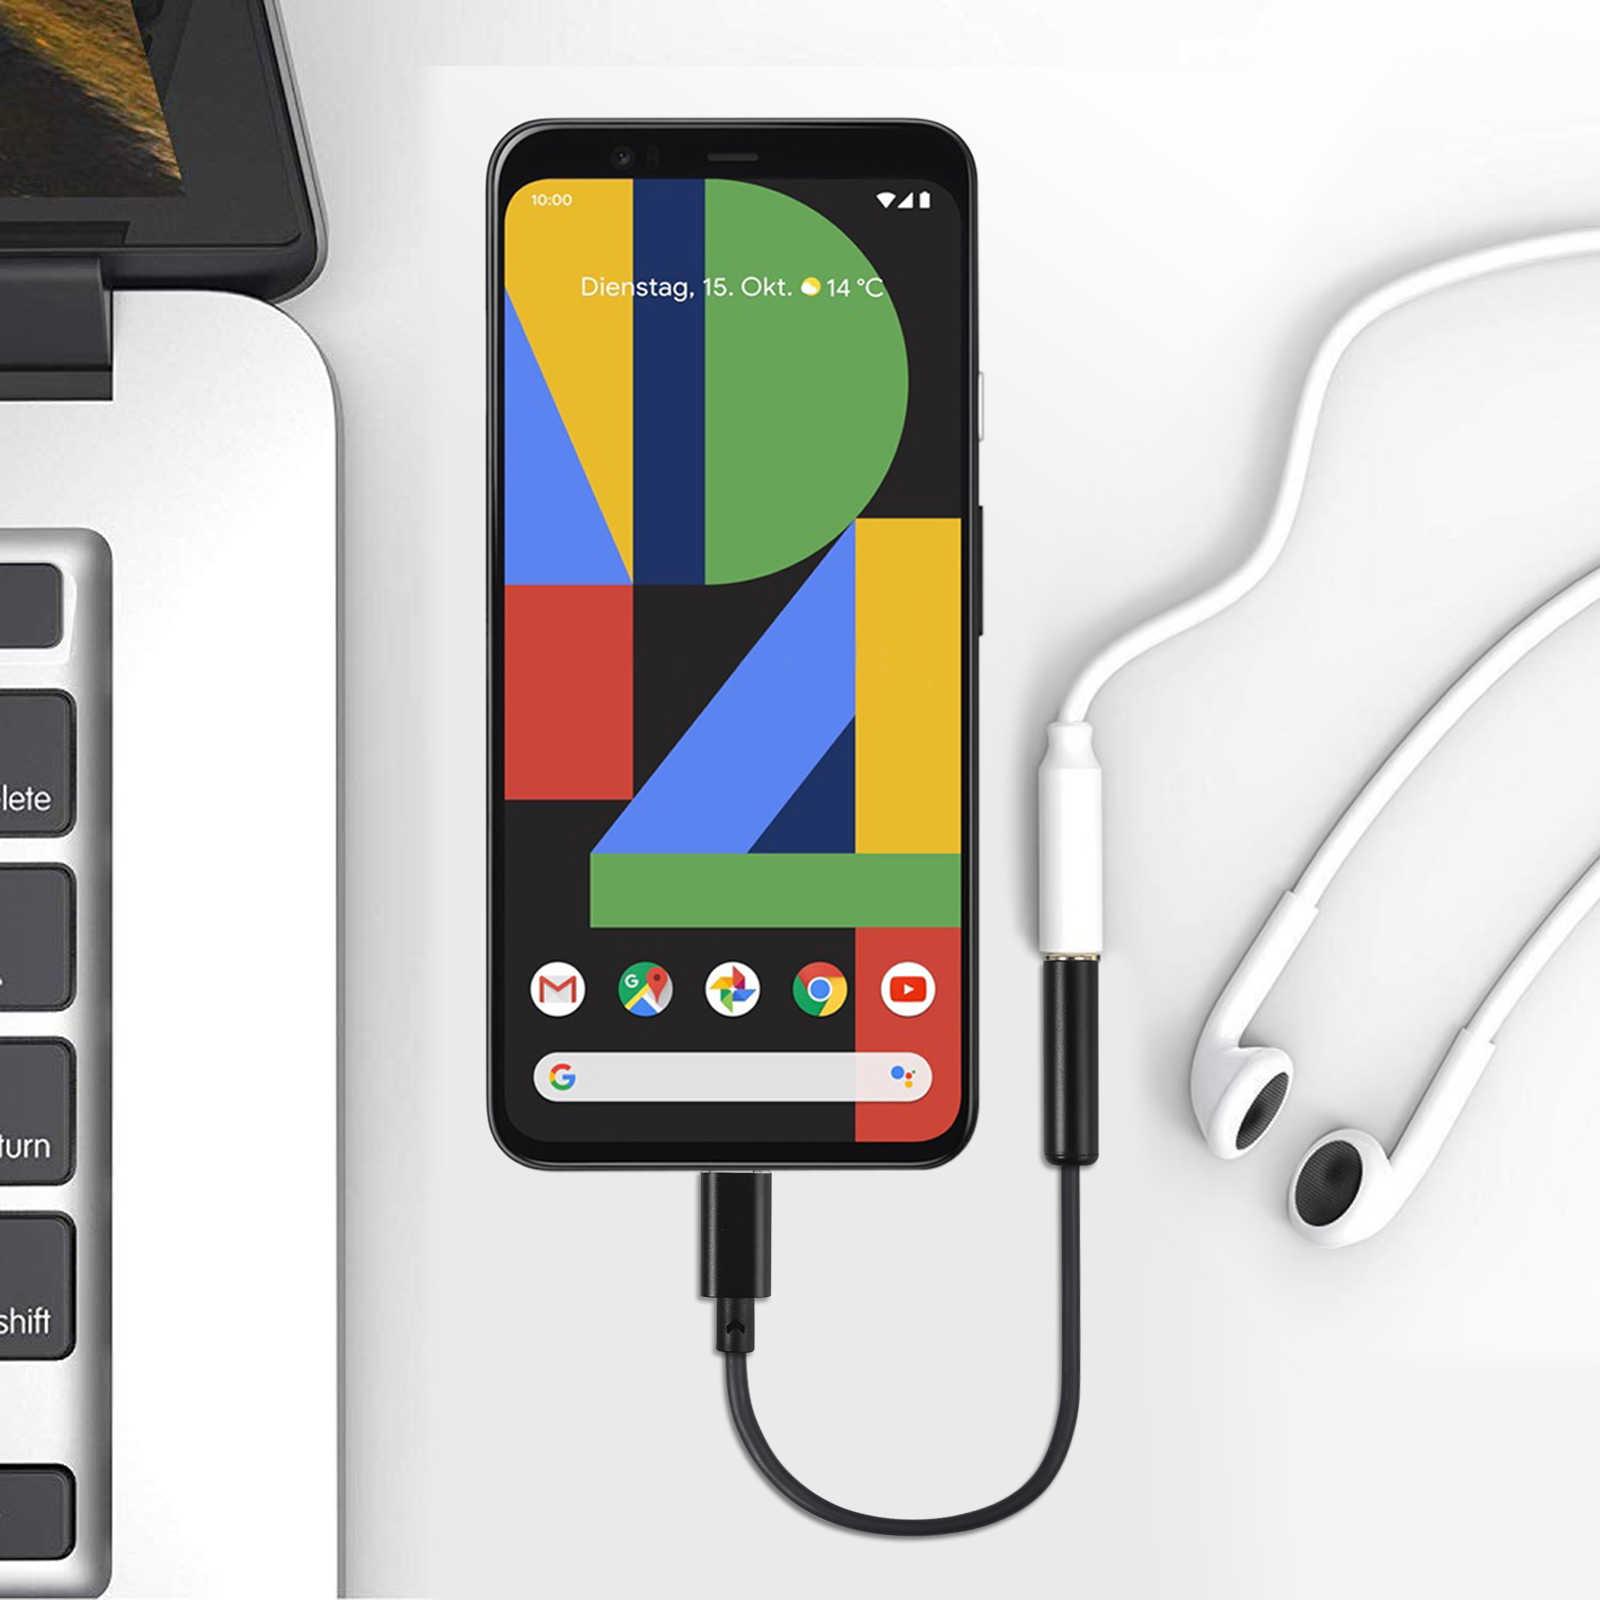 LiNKFOR USB C do 3.5mm wzmacniacz słuchawkowy DAC 32bit/384 kHz USB C do 3.5mm wzmacniacz słuchawkowy DAC dla Google Pixel 2 Huawei